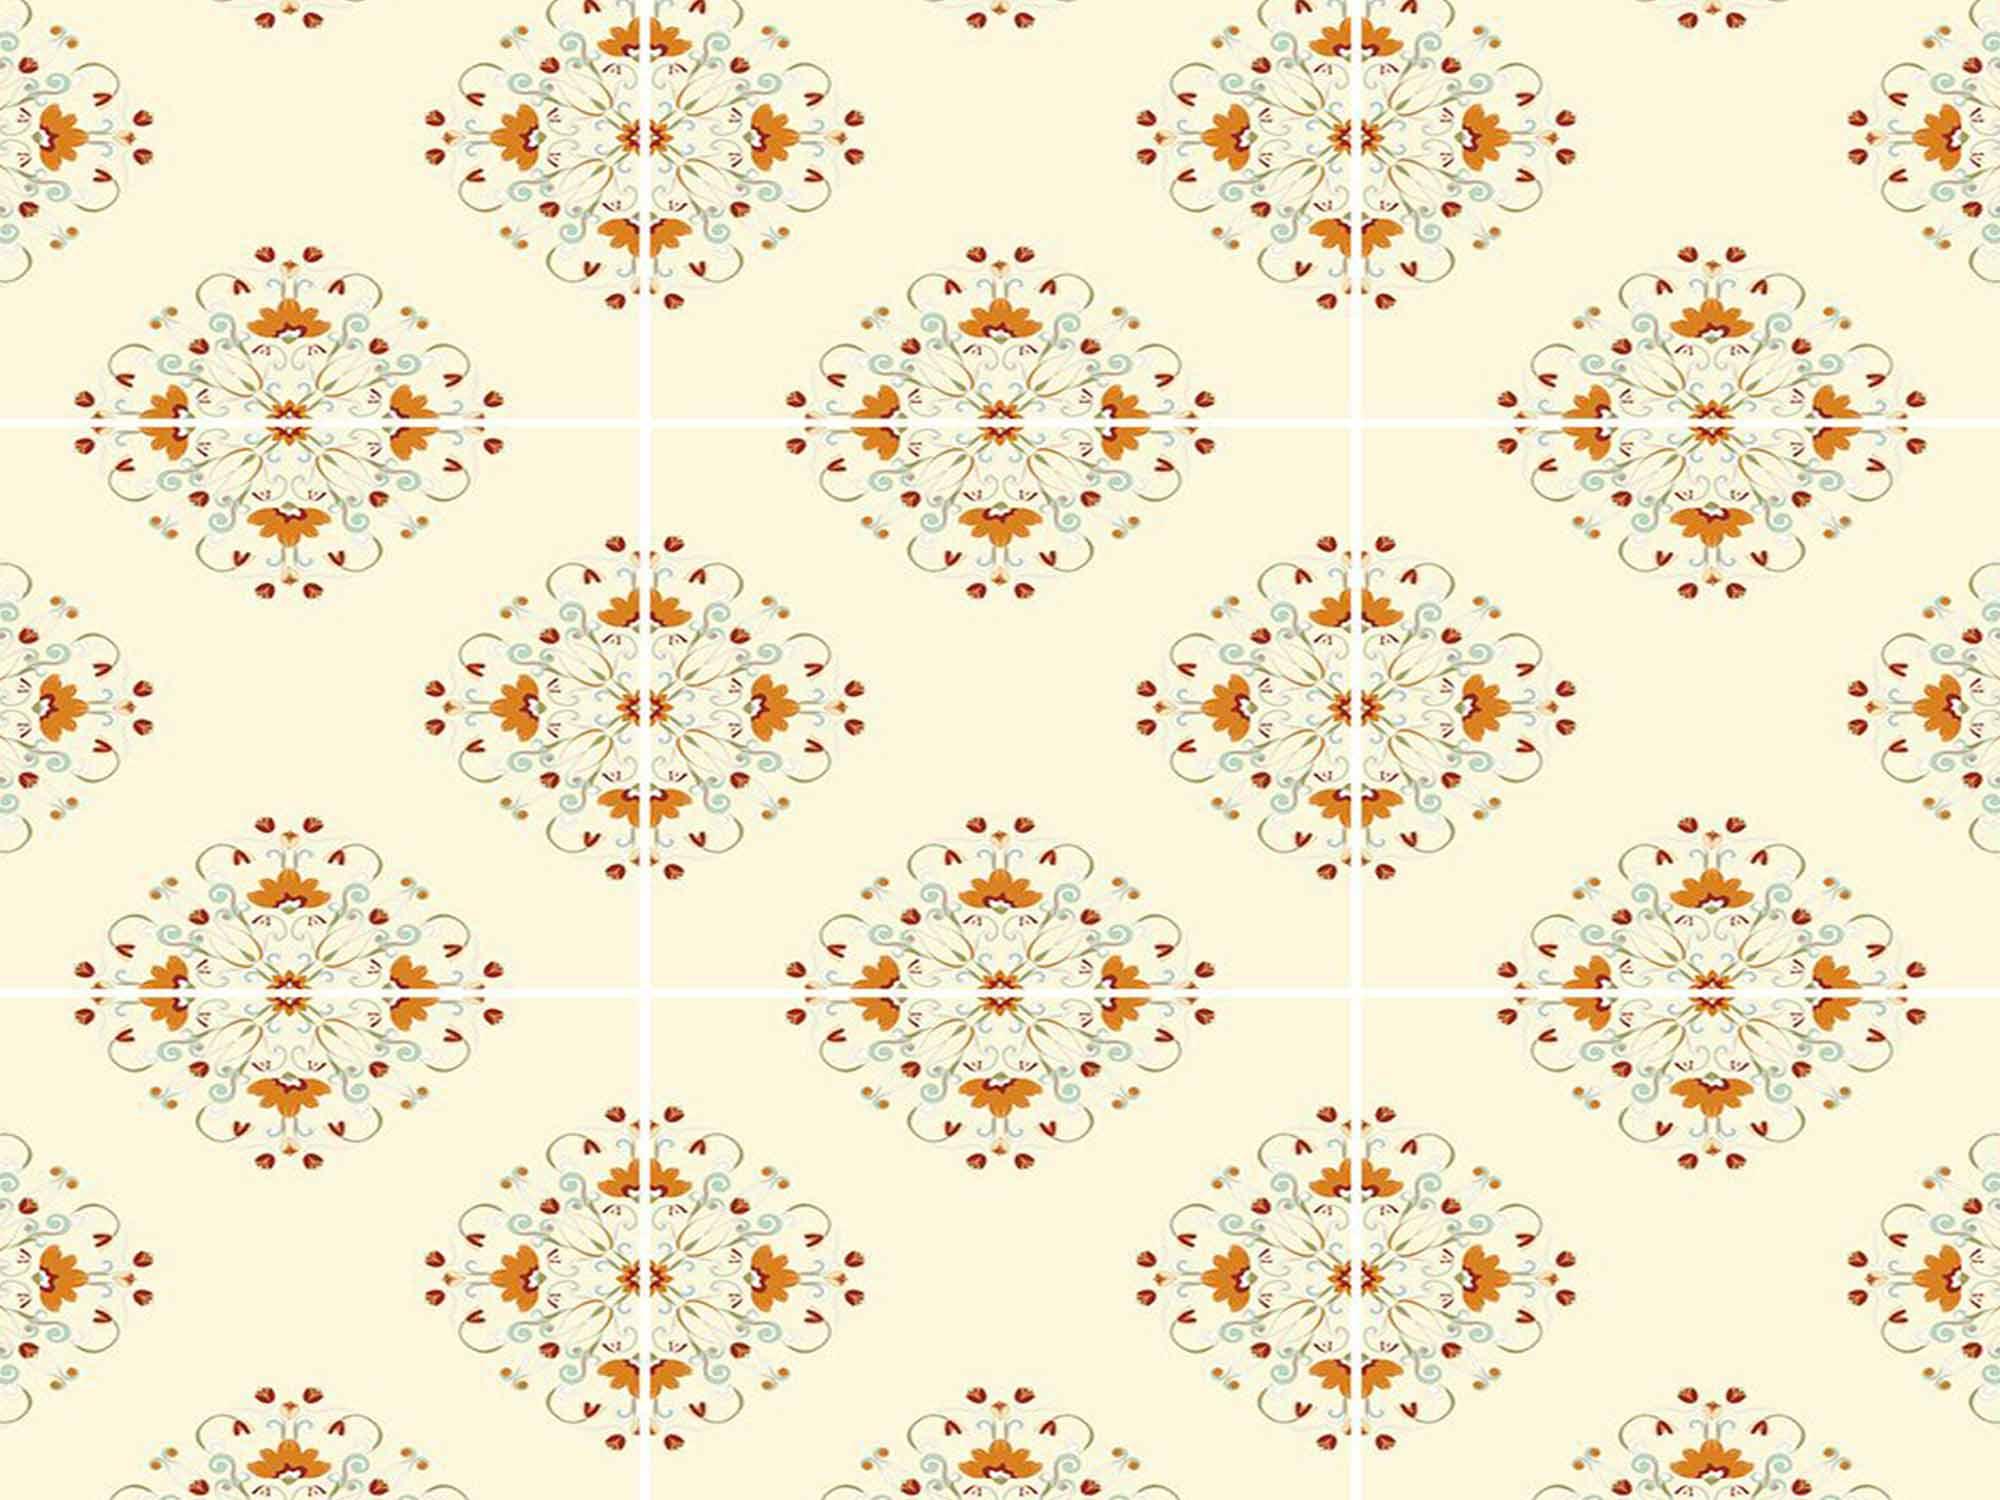 Papel de Parede para Cozinha Azulejos 0042 - Adesivos de Parede  - Paredes Decoradas